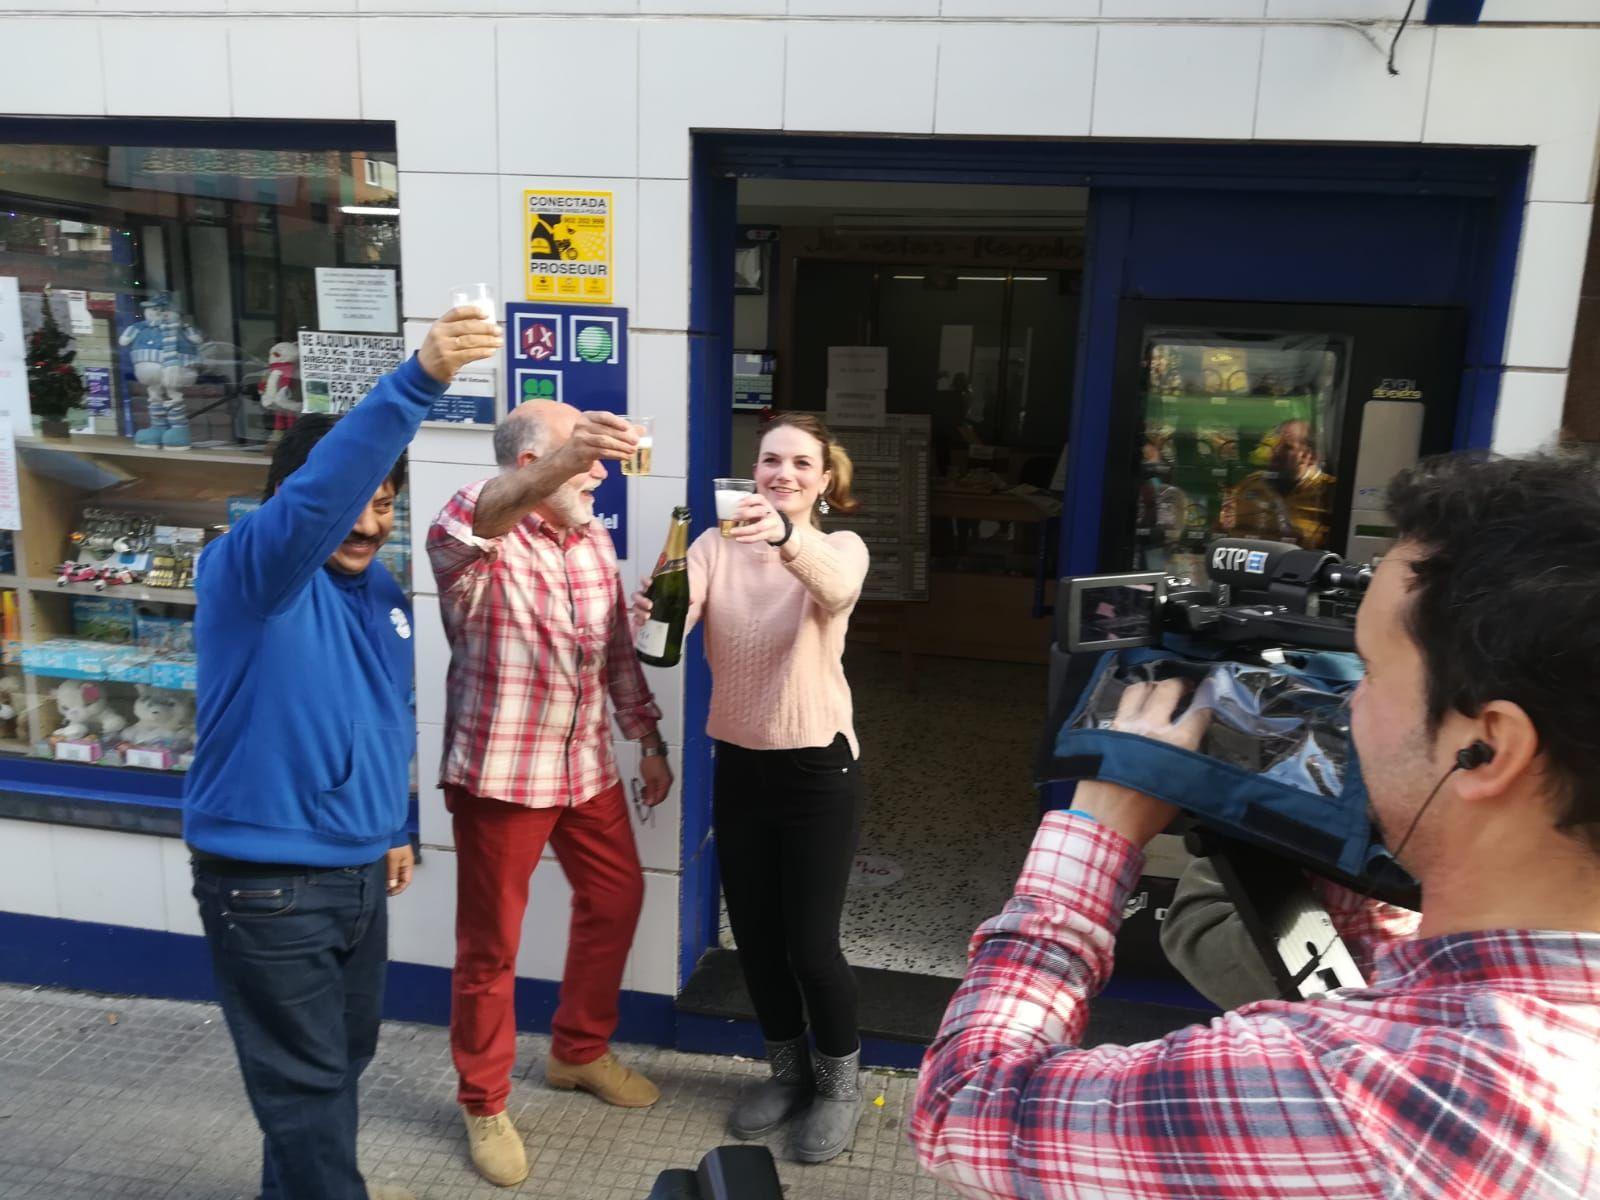 La tienda de regalos Pedro´s en Gijón celebra por todo lo alto su debut en una Lotería Nacional con el Gordo